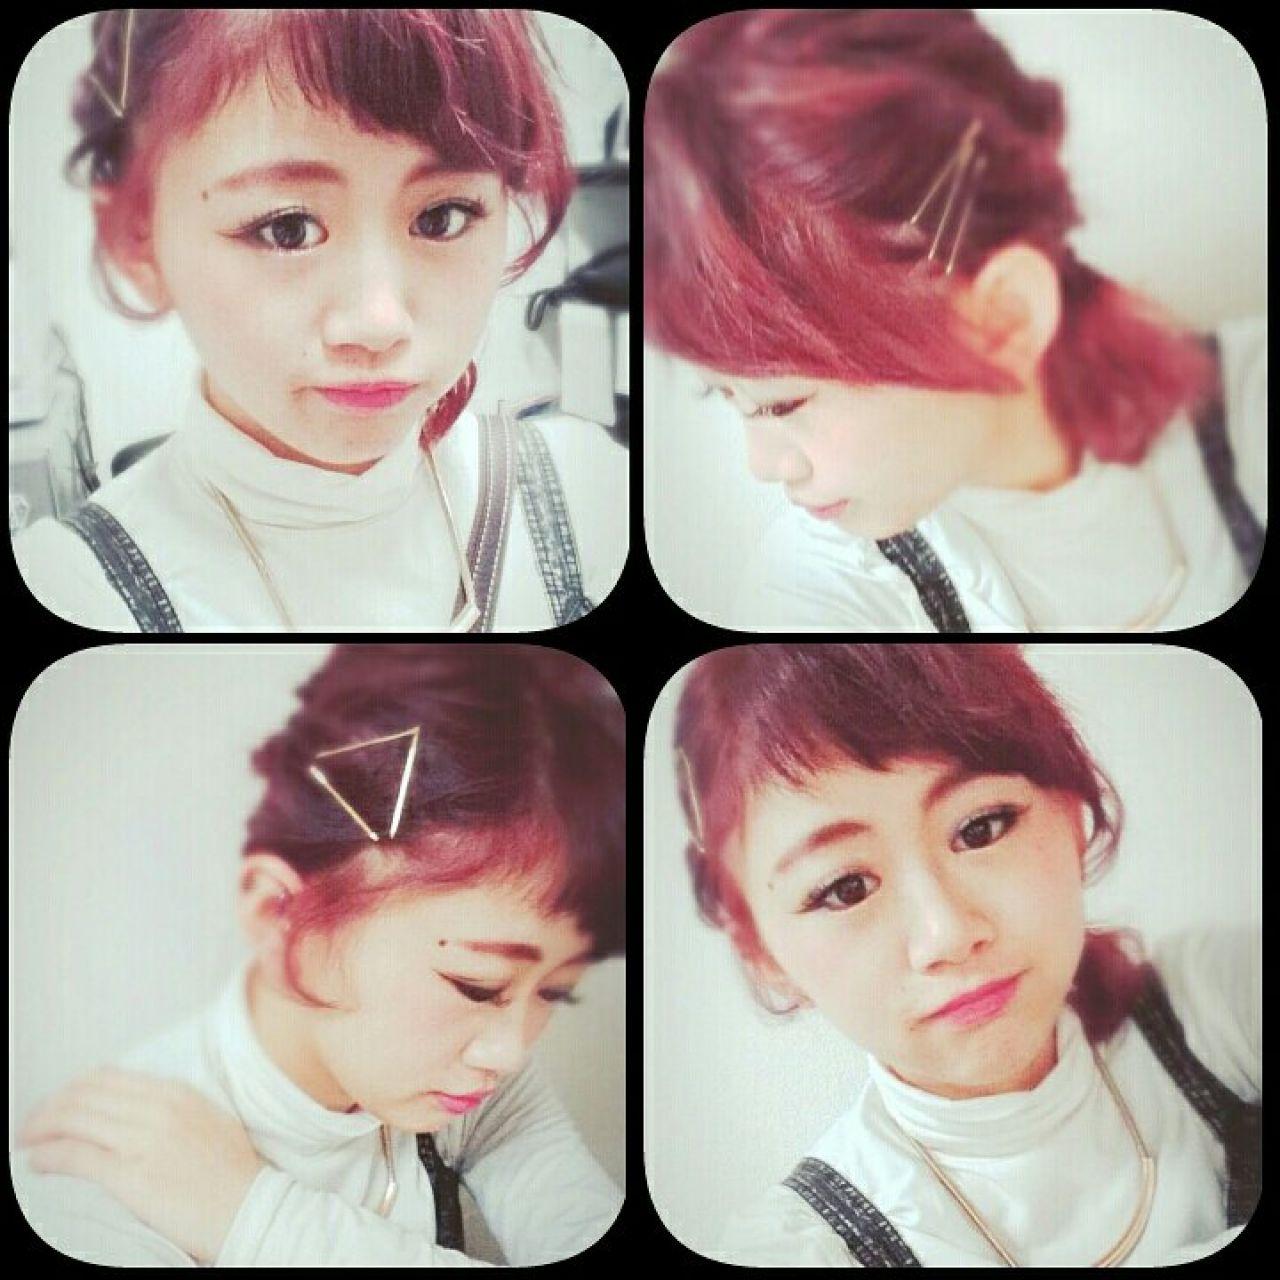 誰でもできる簡単アレンジ・ザクザクピンがかわいすぎ♡ Ikuho Sawai